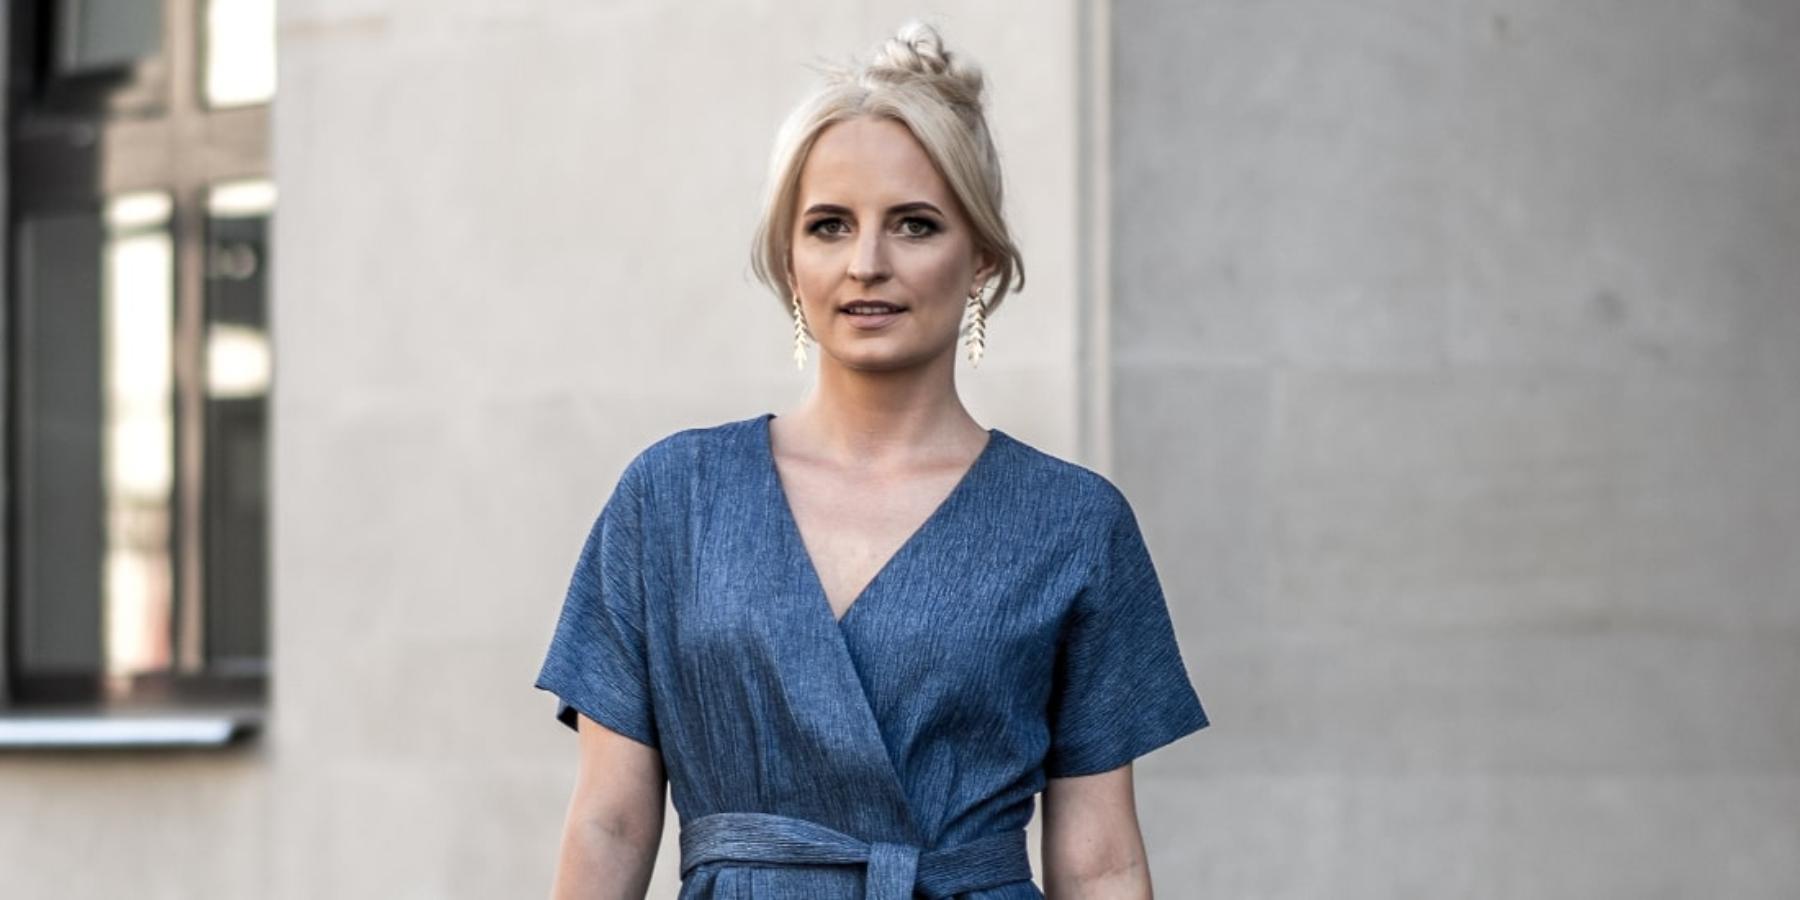 Monika Kamińska: Jeśli masz prowadzić bloga, musisz utrzymywać się zwłasnych produktów